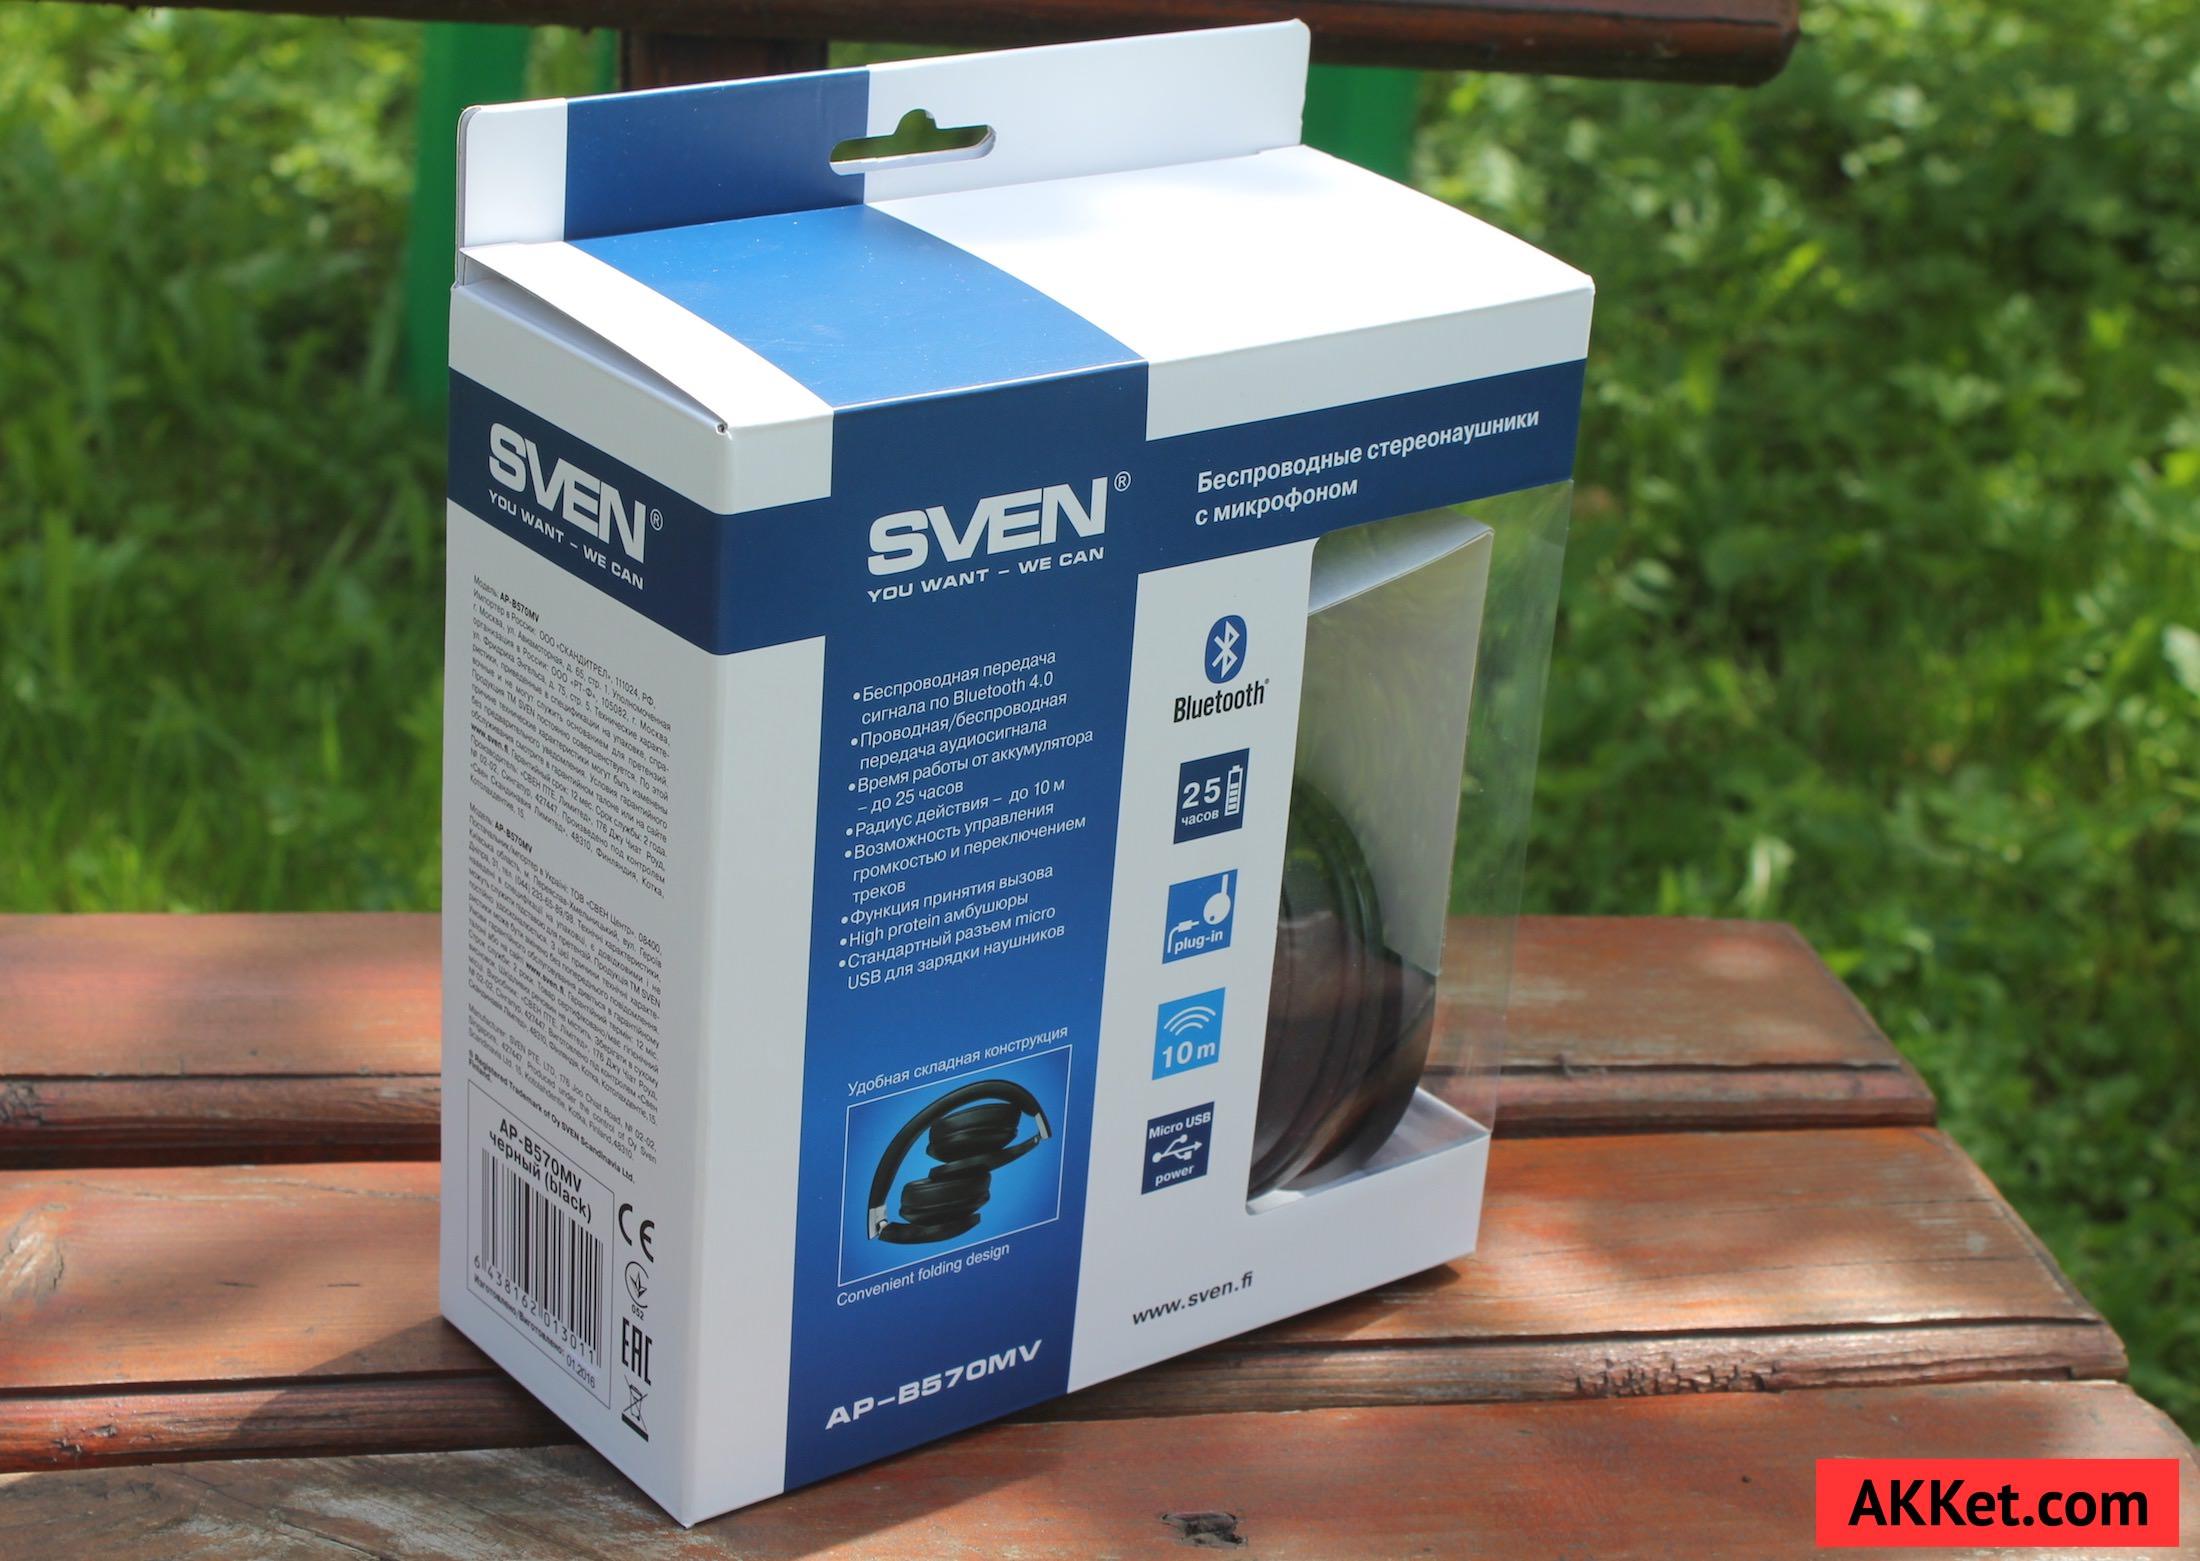 Sven AP-B570MV 17